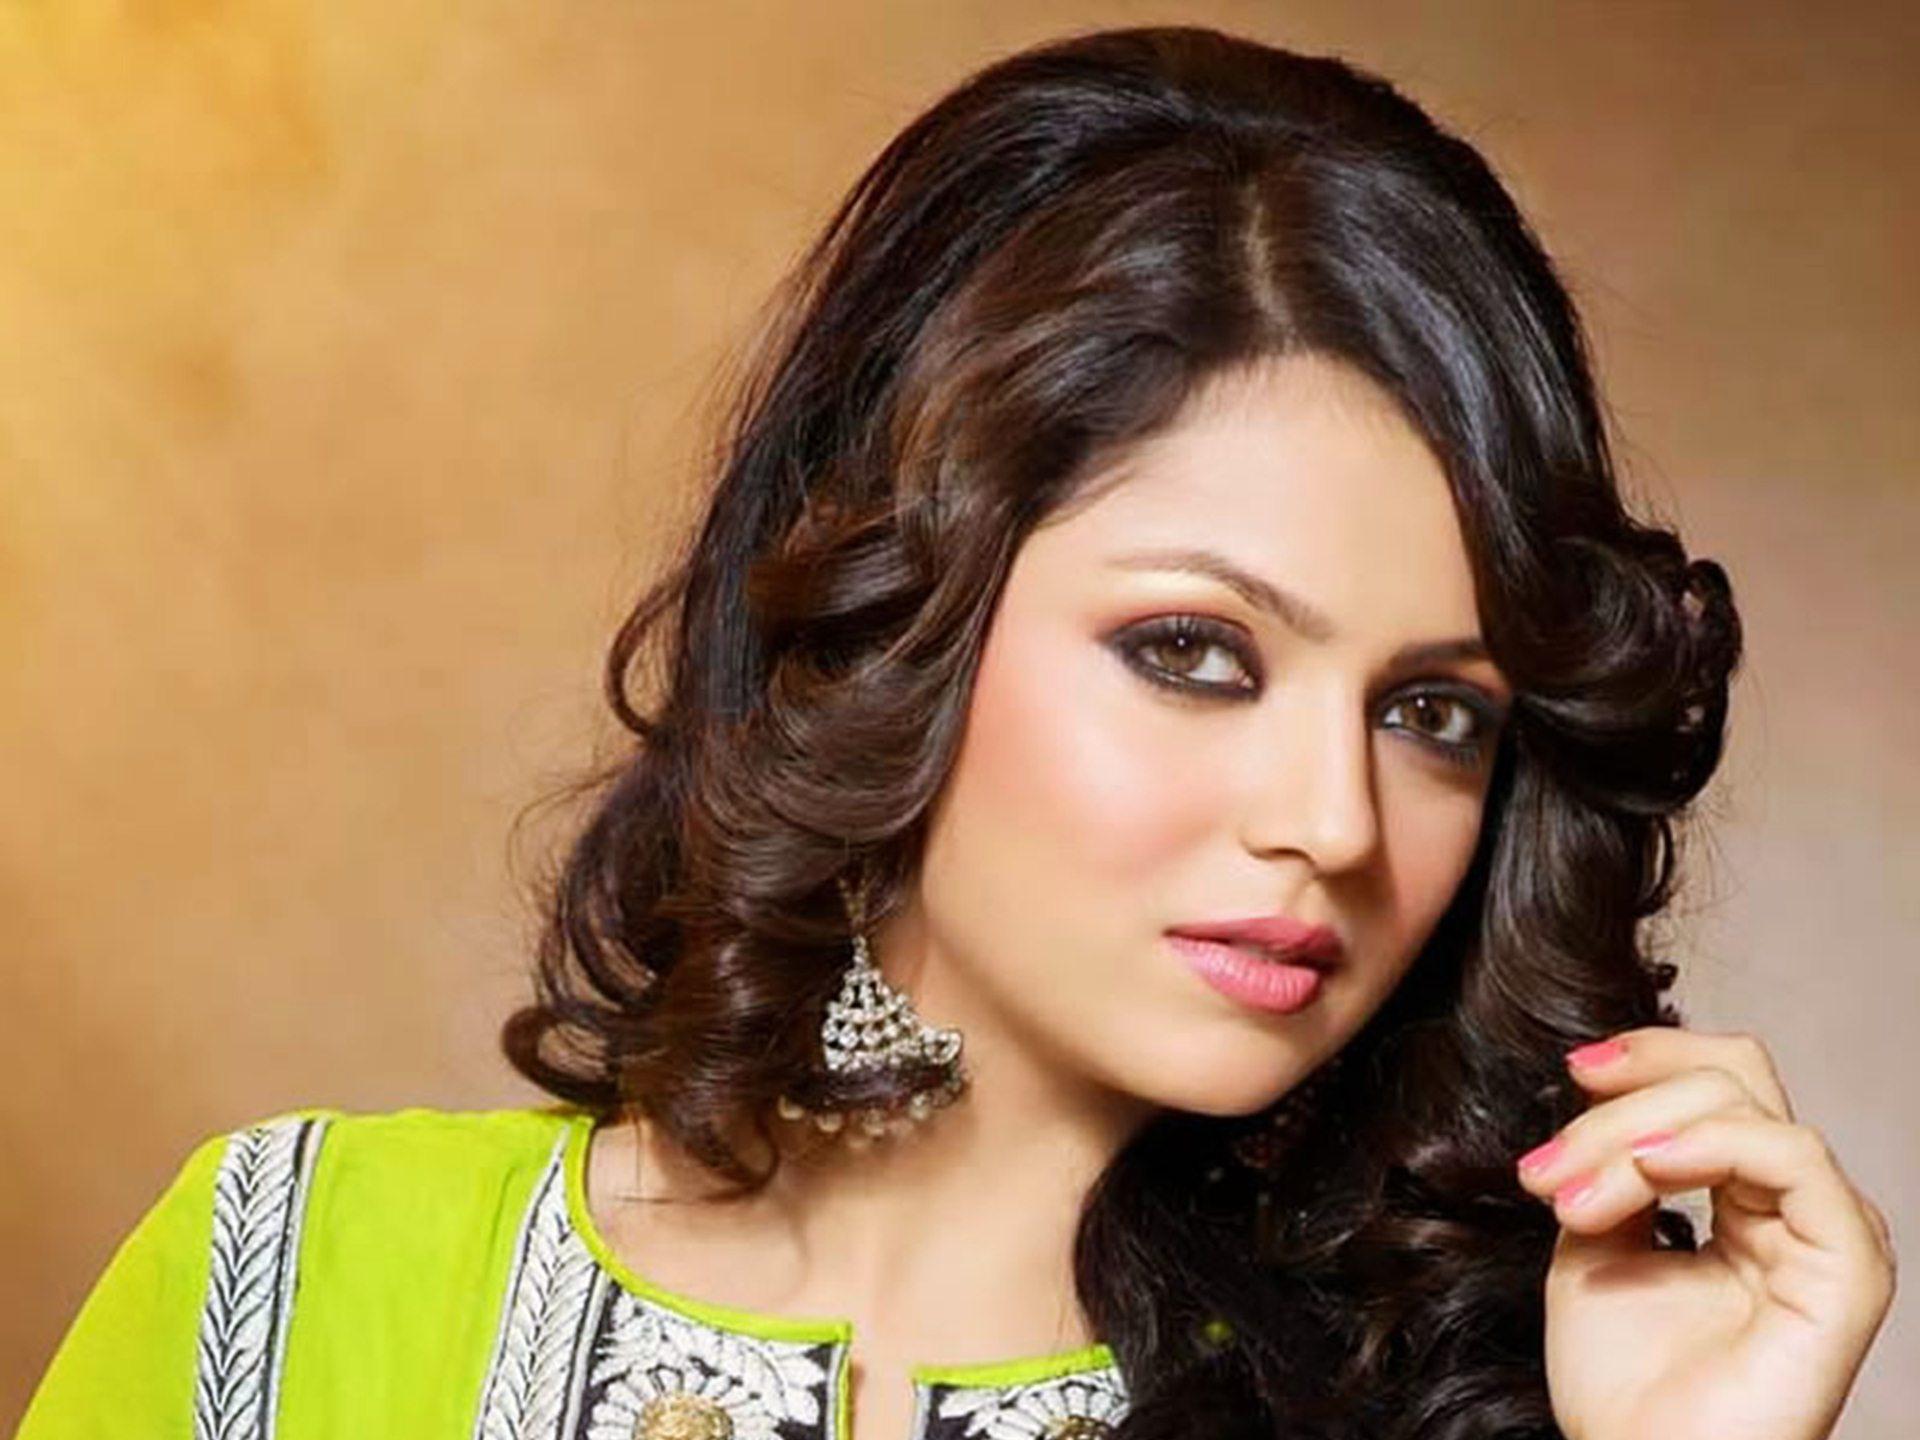 بالصور صور بنات هنديات , جميلات الهند وصور لهم 348 7